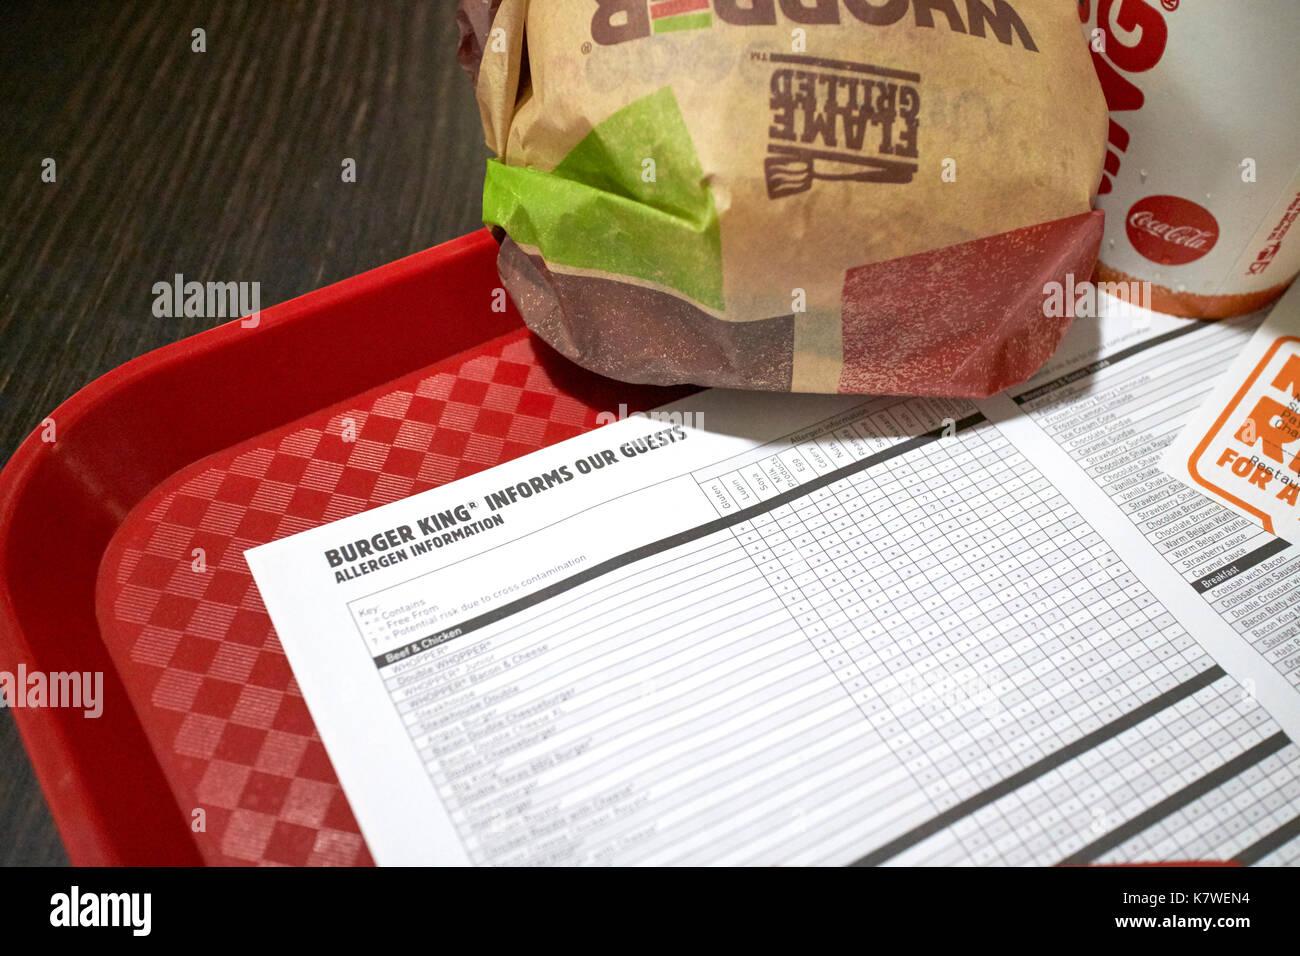 Allergene foglio di informazioni su un vassoio con un burger king pasto Immagini Stock